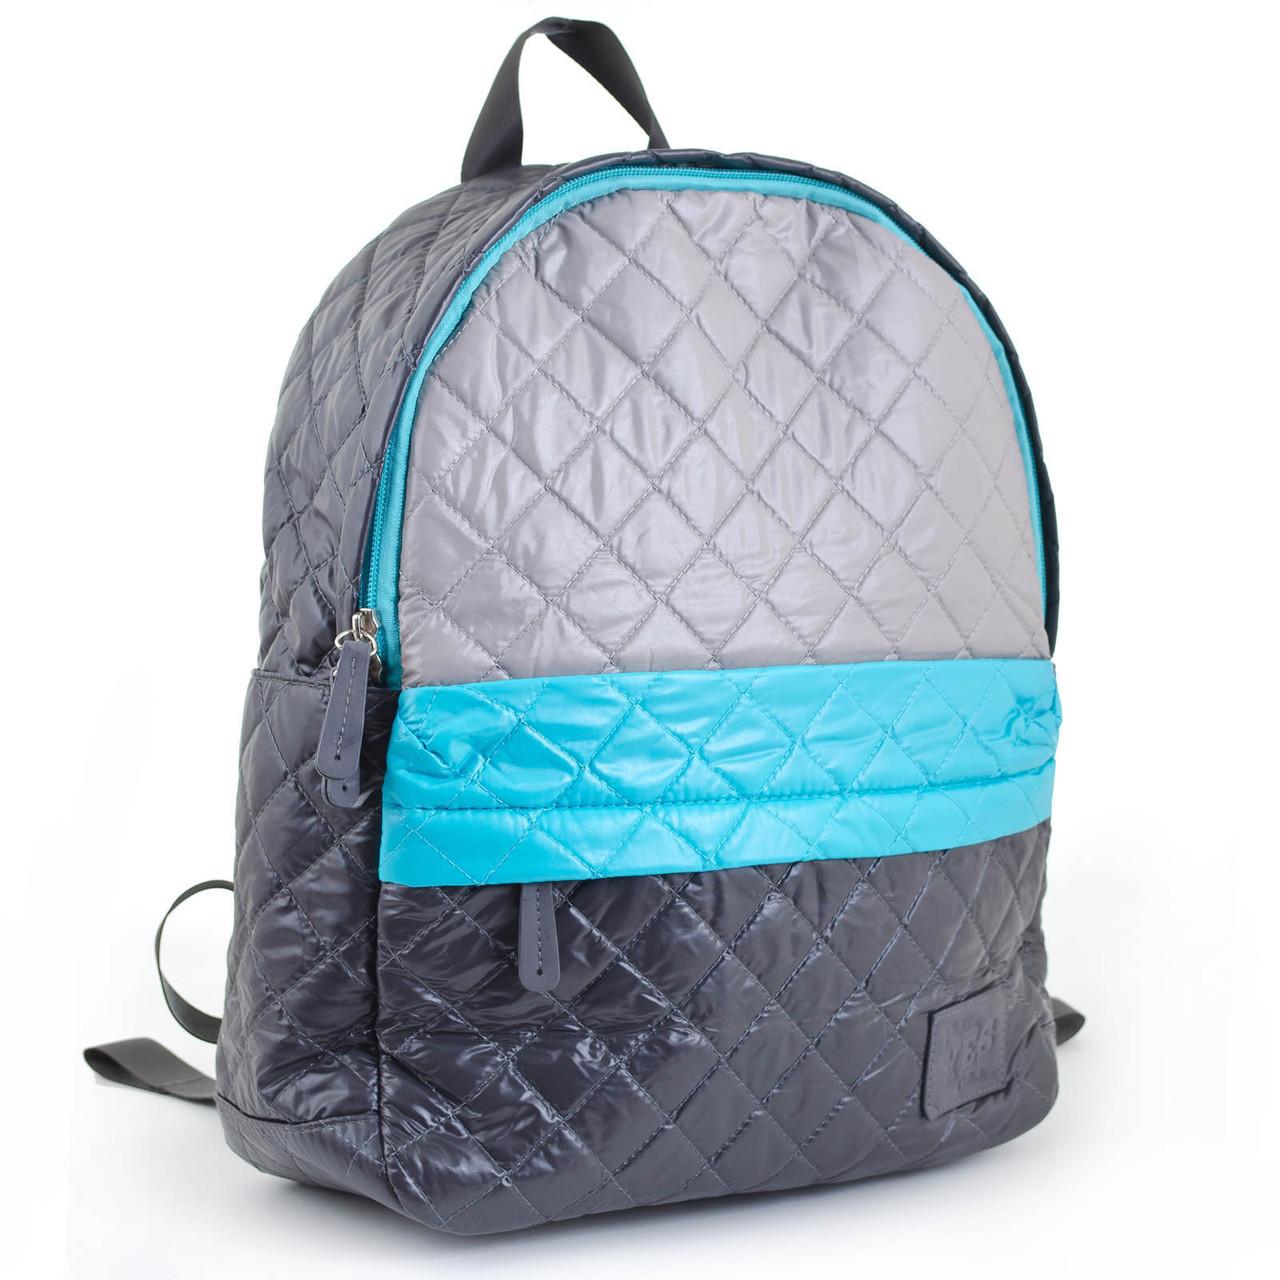 ef972de7a444 Городской стеганый рюкзак . 35*27*11, цена 589 грн., купить в Днепре ...